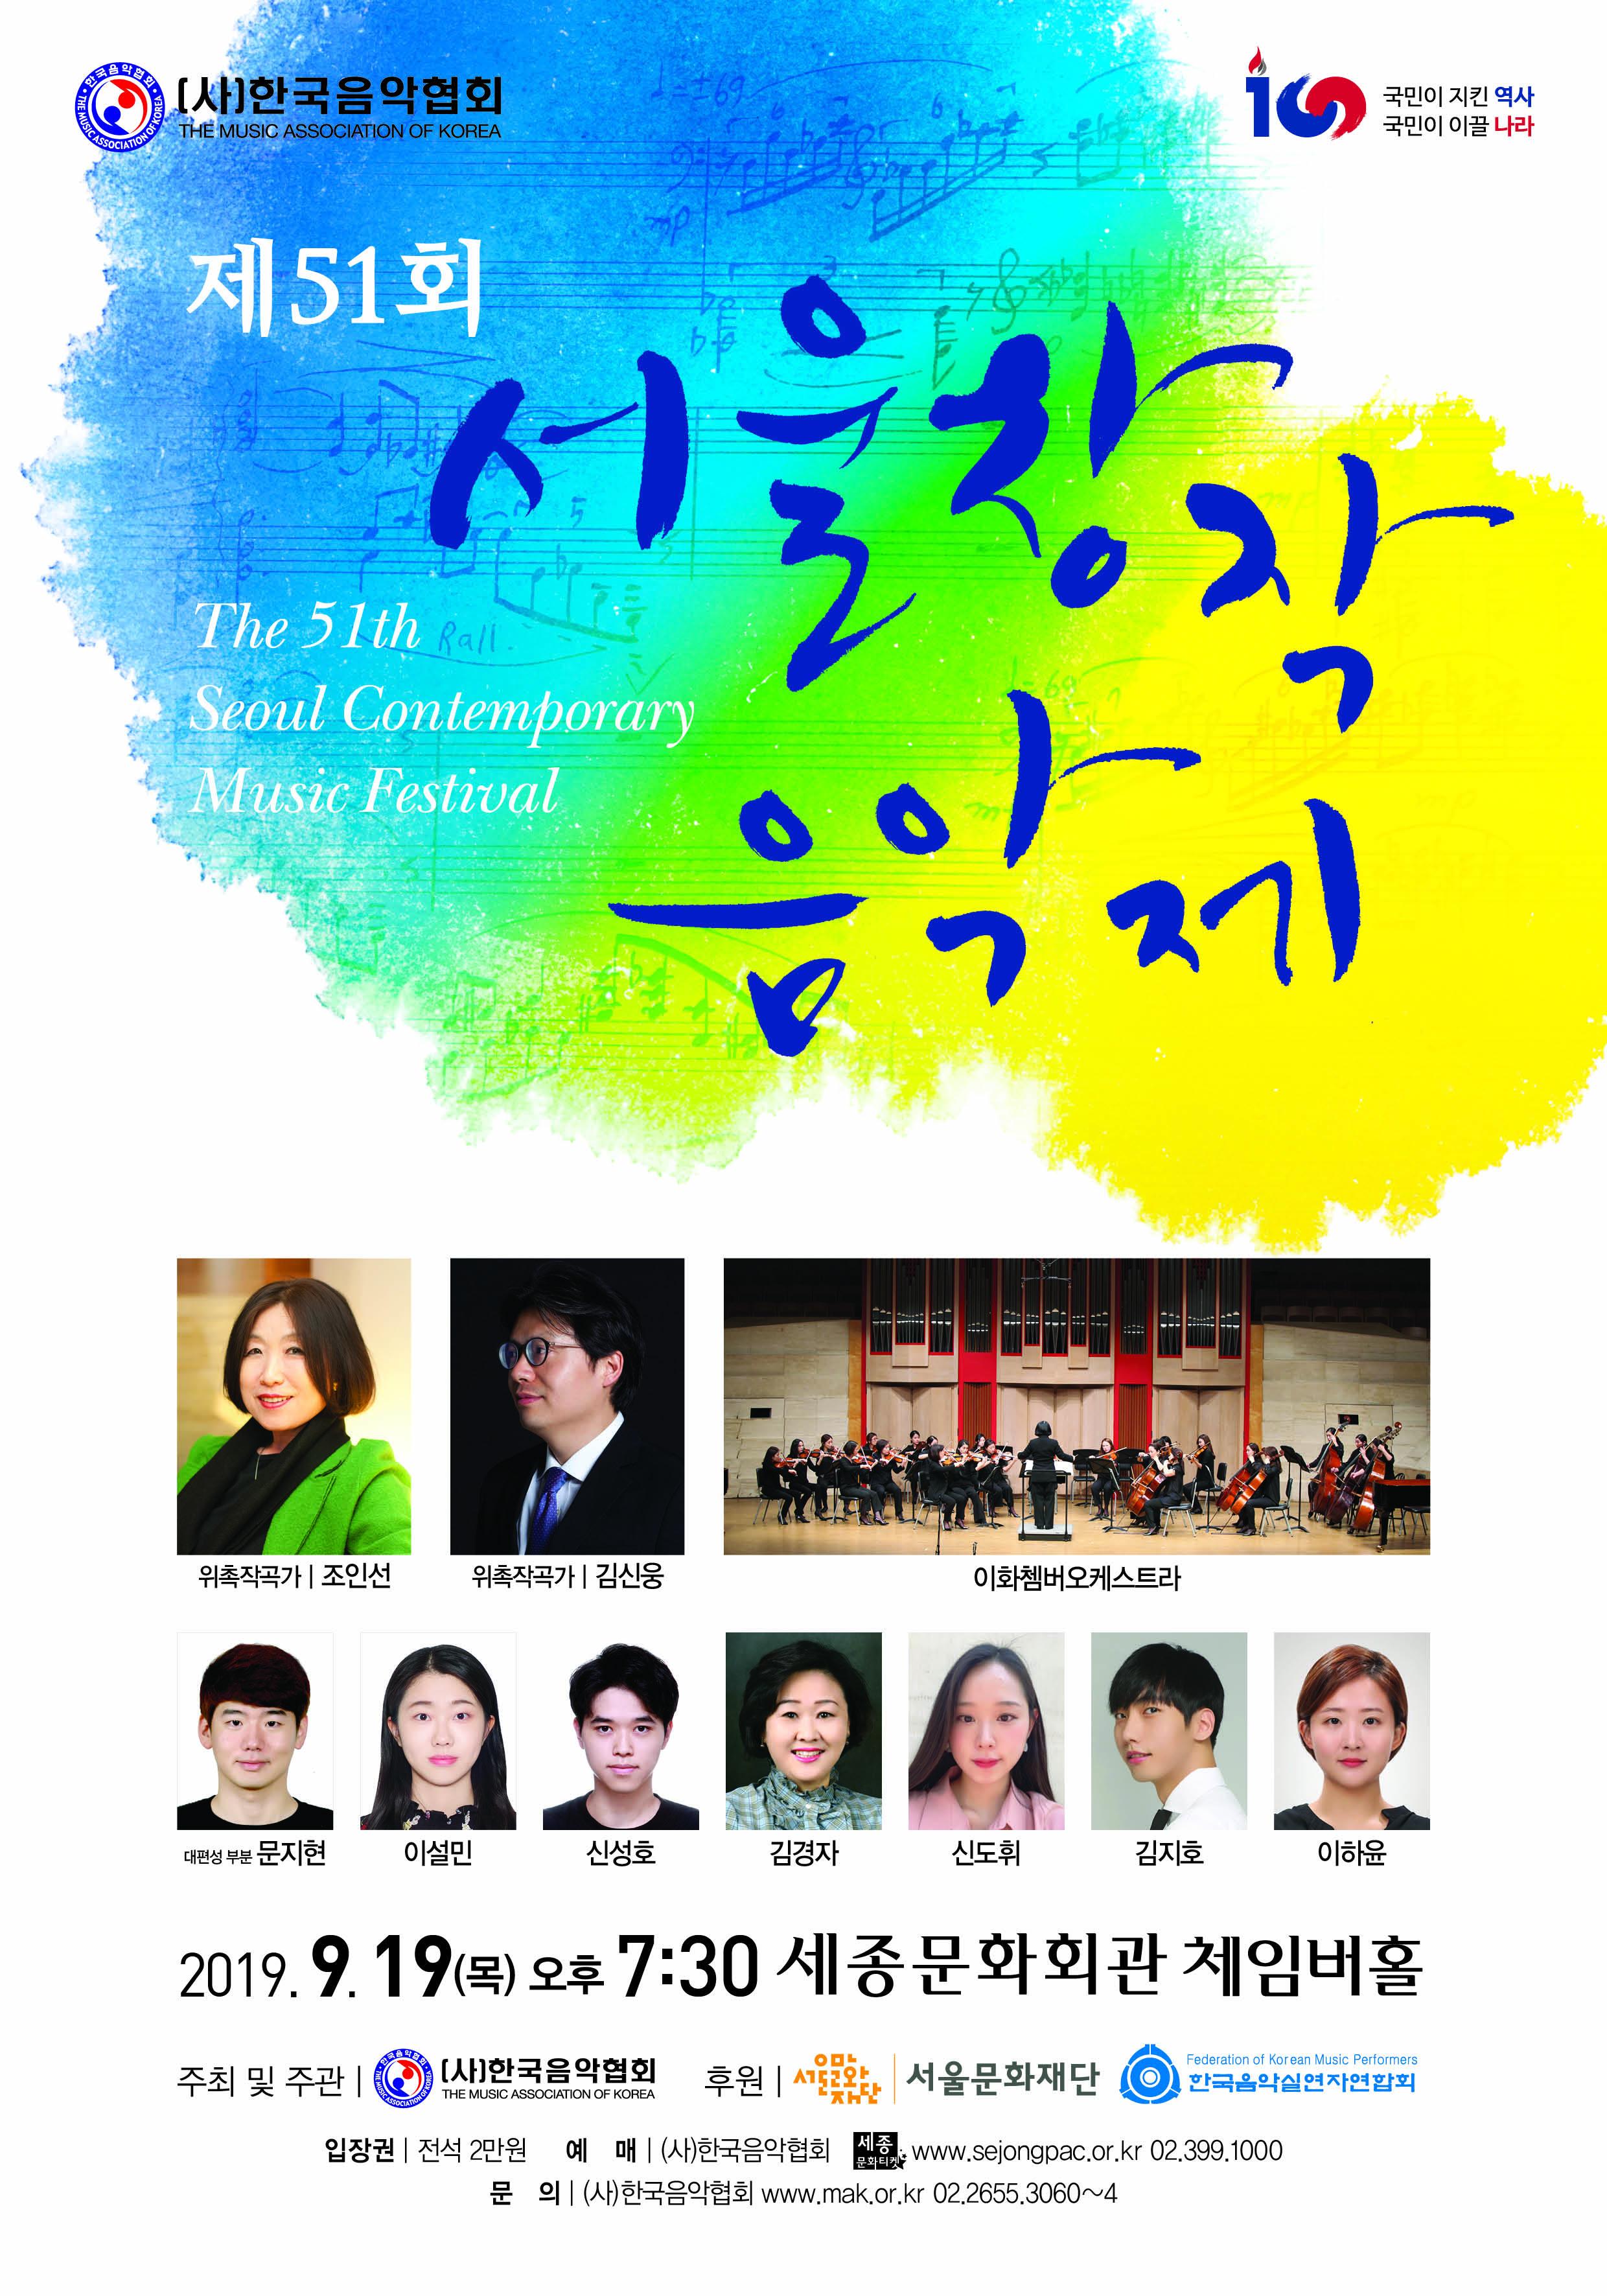 1. 제51회 서울창작음악제 연주회 전단 최종_앞면.jpg